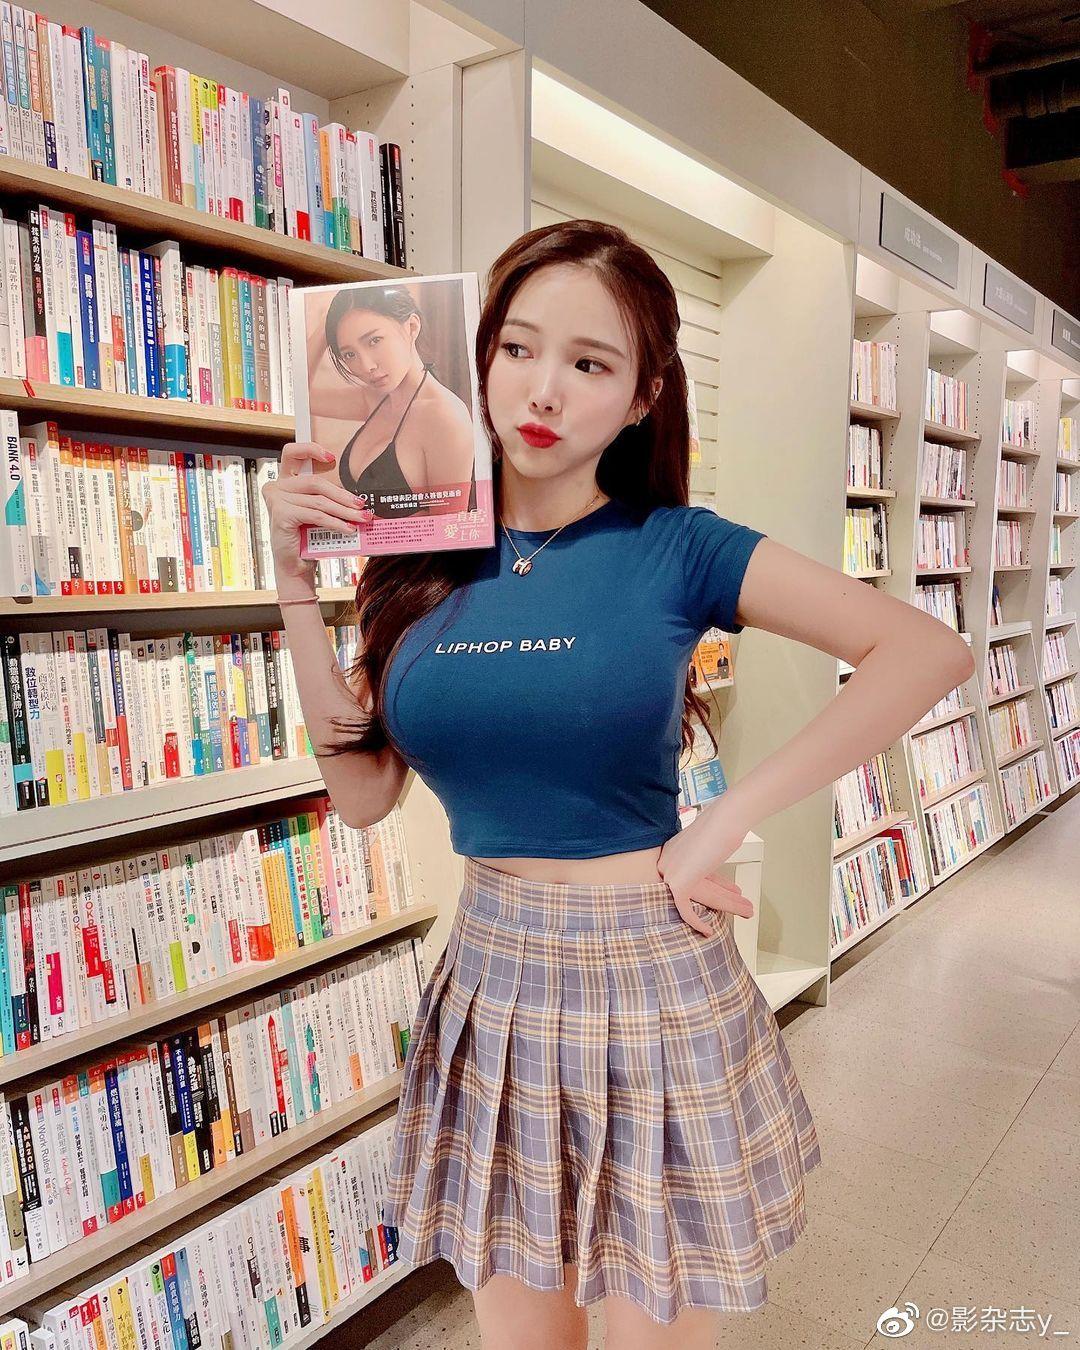 丰满上围撑爆紧身衣 马来西亚超性感女DJ蓝星蕾 发现美